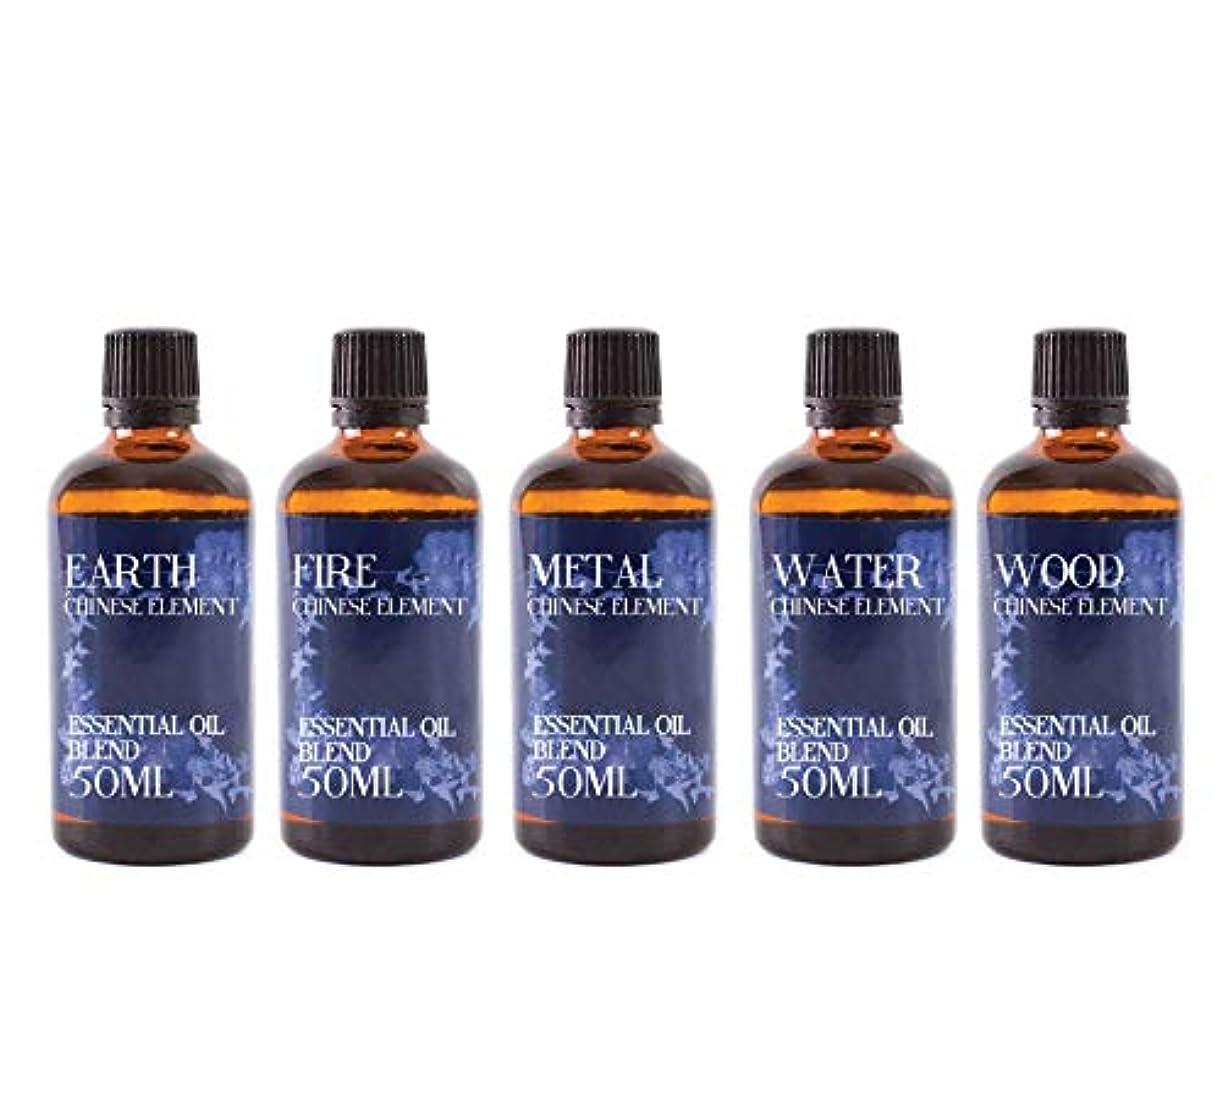 支払い聖書動脈Mystix London | Gift Starter Pack of 5x50ml Chinese Elements Essential Oil Blends